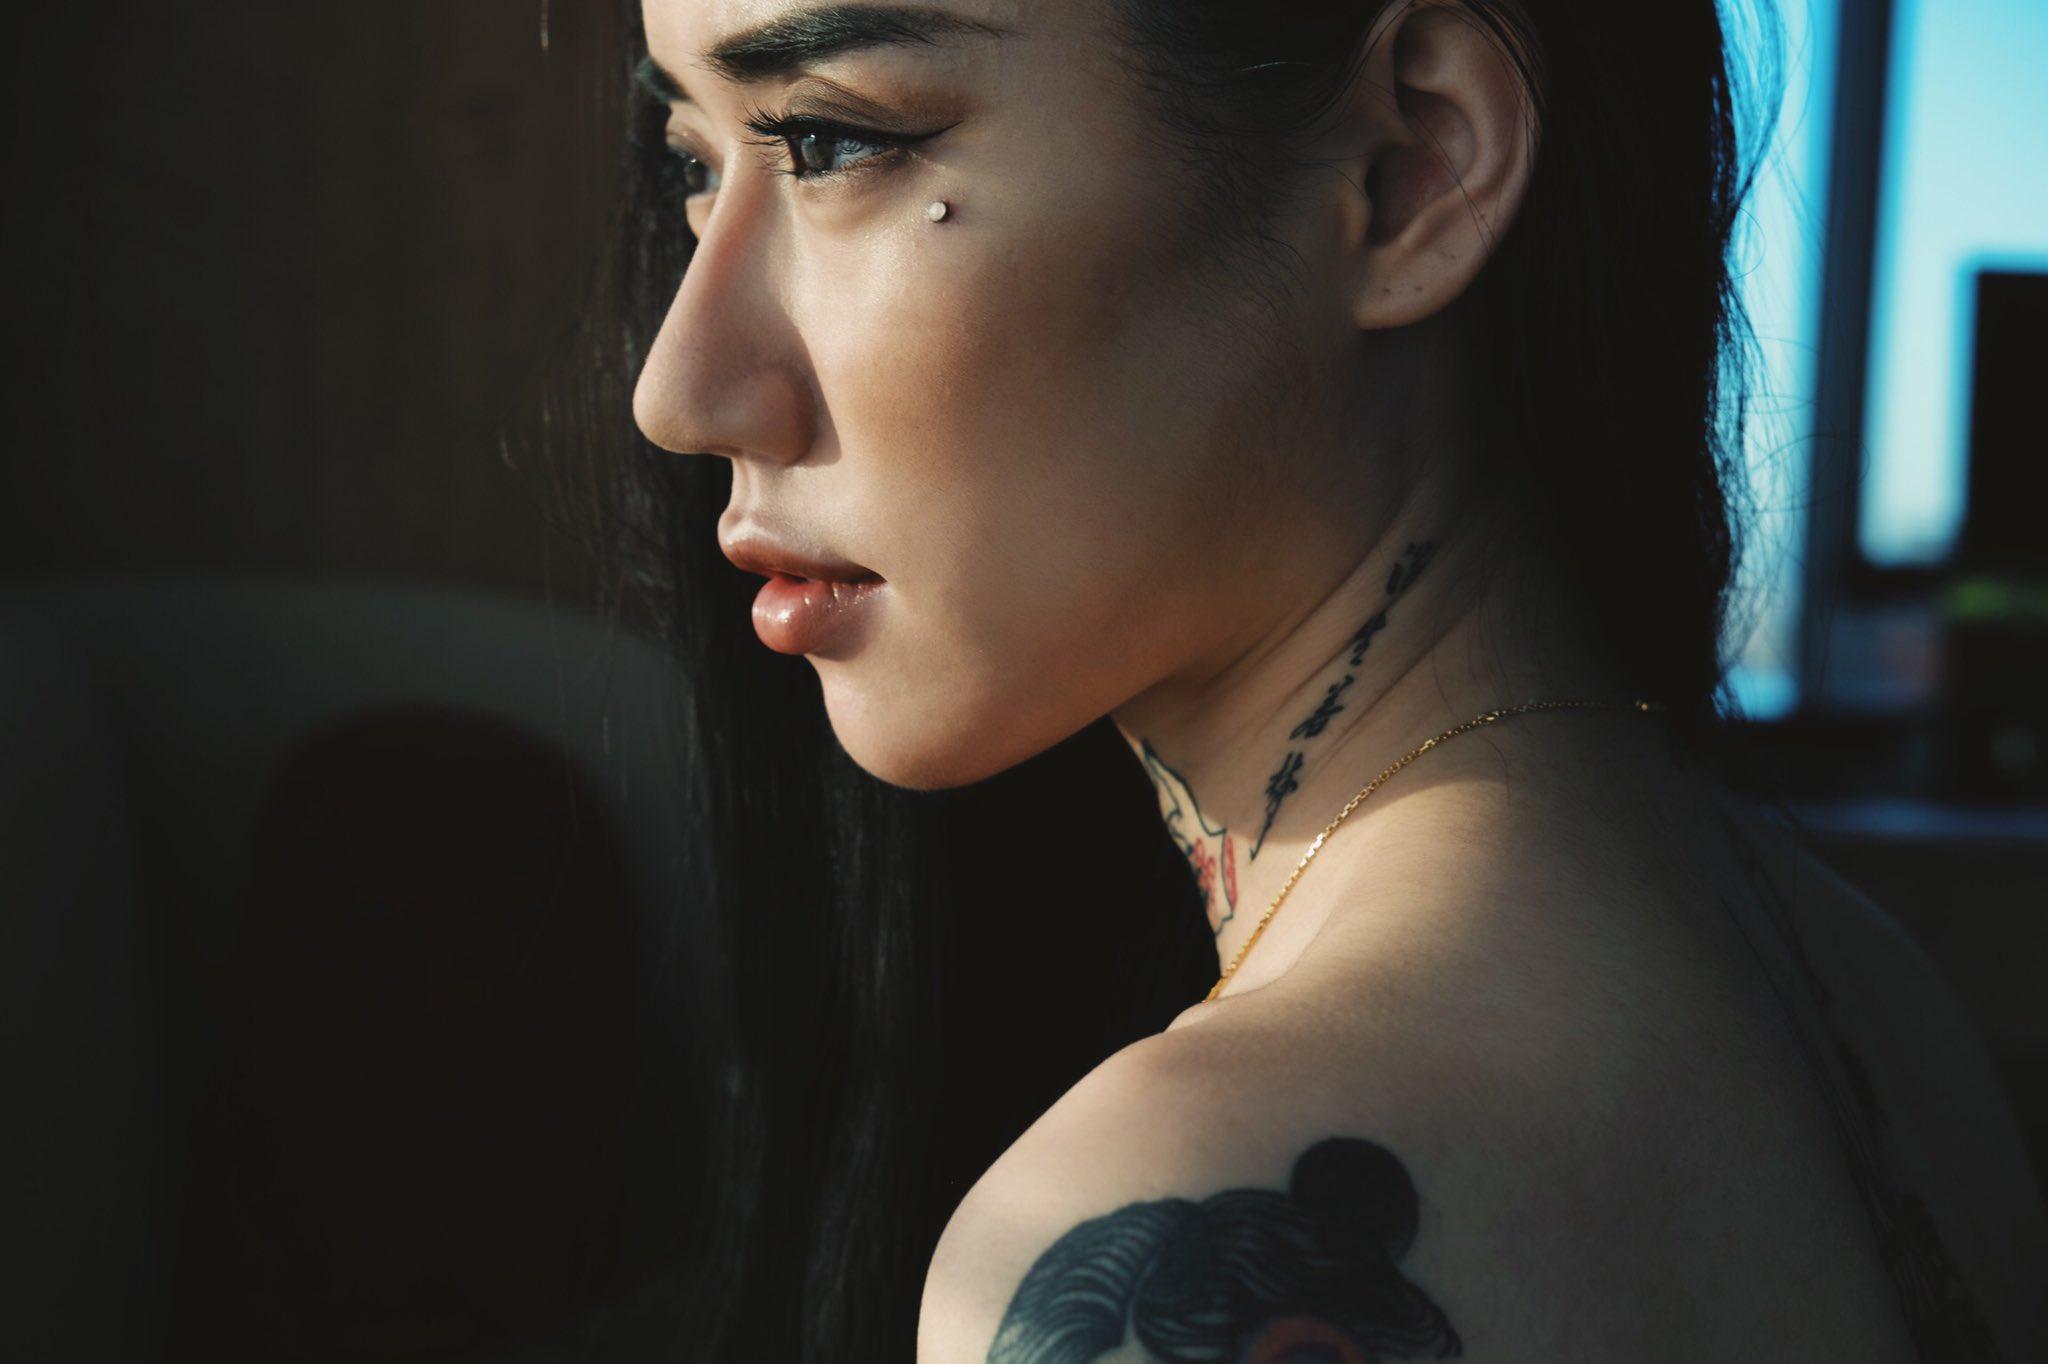 【水森翠エロ画像】タトゥーの数が凄いスレンダー痴女・水森翠!